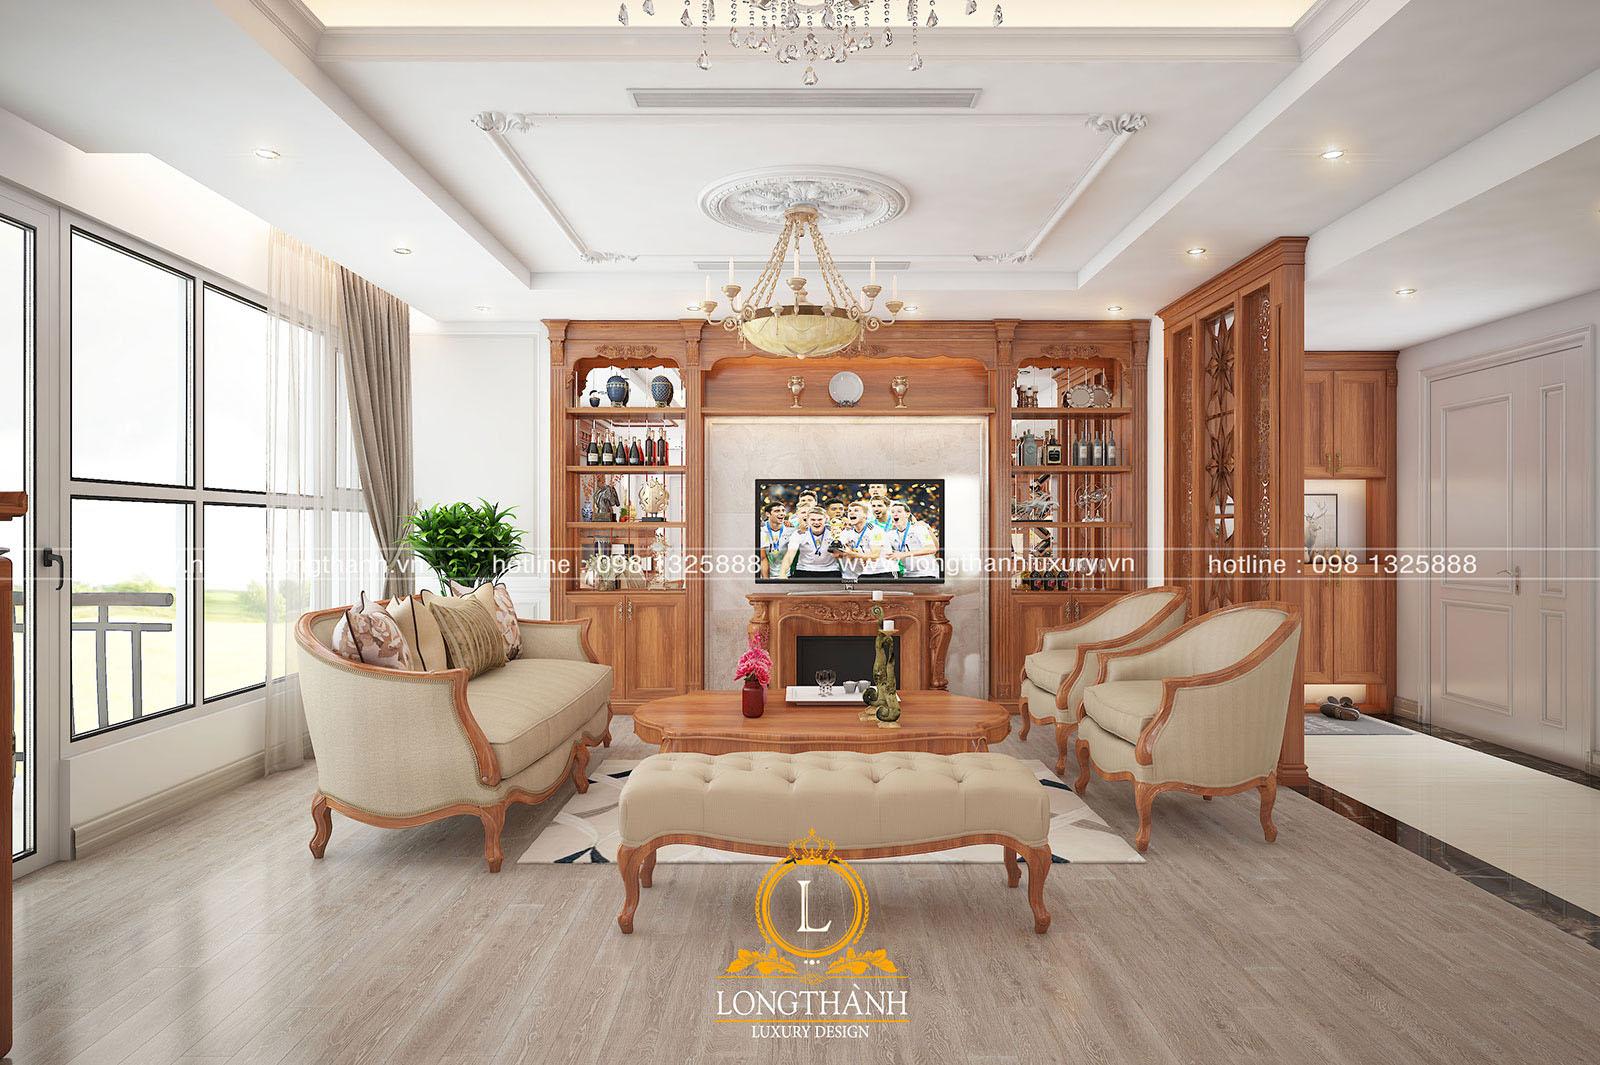 Nhà phố hoặc nhà chung cư thường sử dung sofa nhỉ nhiều hơn so với biệt thự